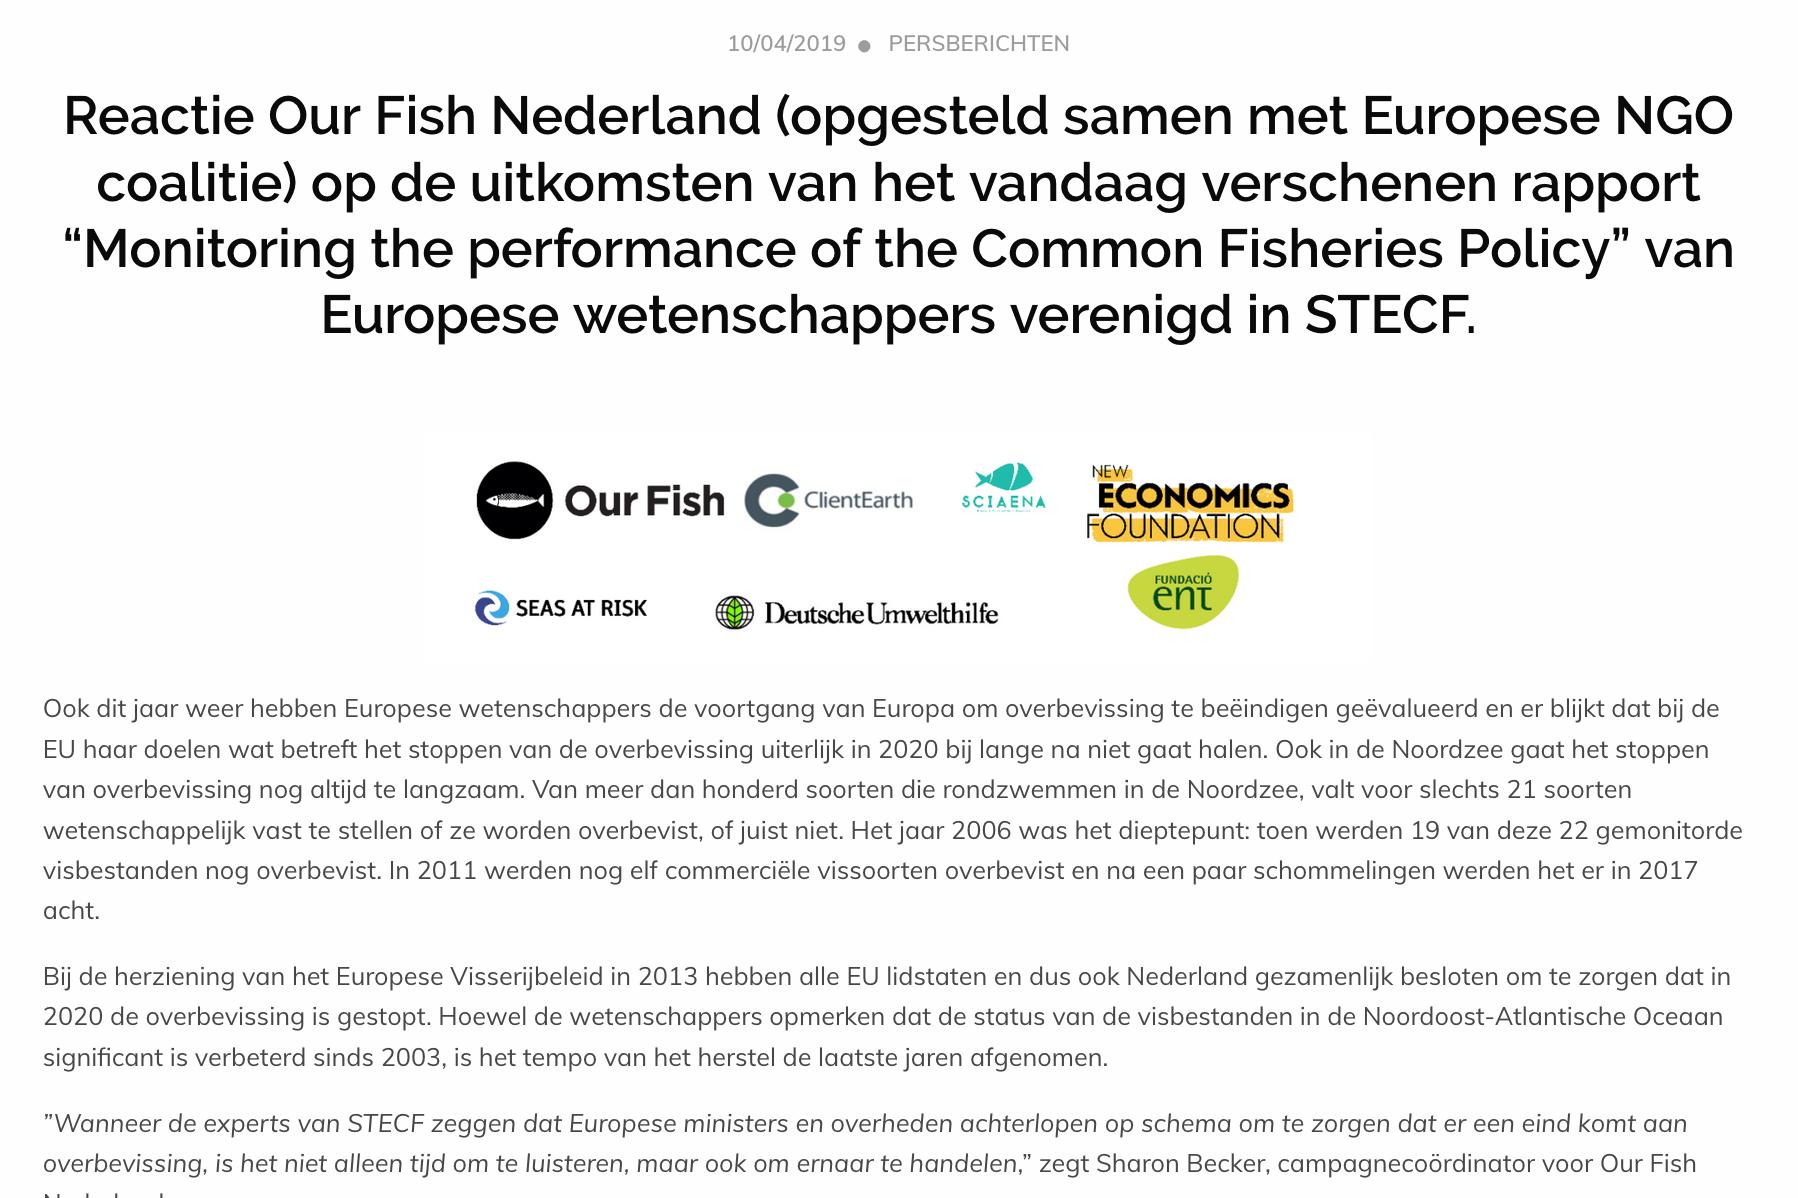 """Reactie Our Fish Nederland (opgesteld samen met Europese NGO coalitie) op de uitkomsten van het vandaag verschenen rapport """"Monitoring the performance of the Common Fisheries Policy"""" van Europese wetenschappers verenigd in STECF."""